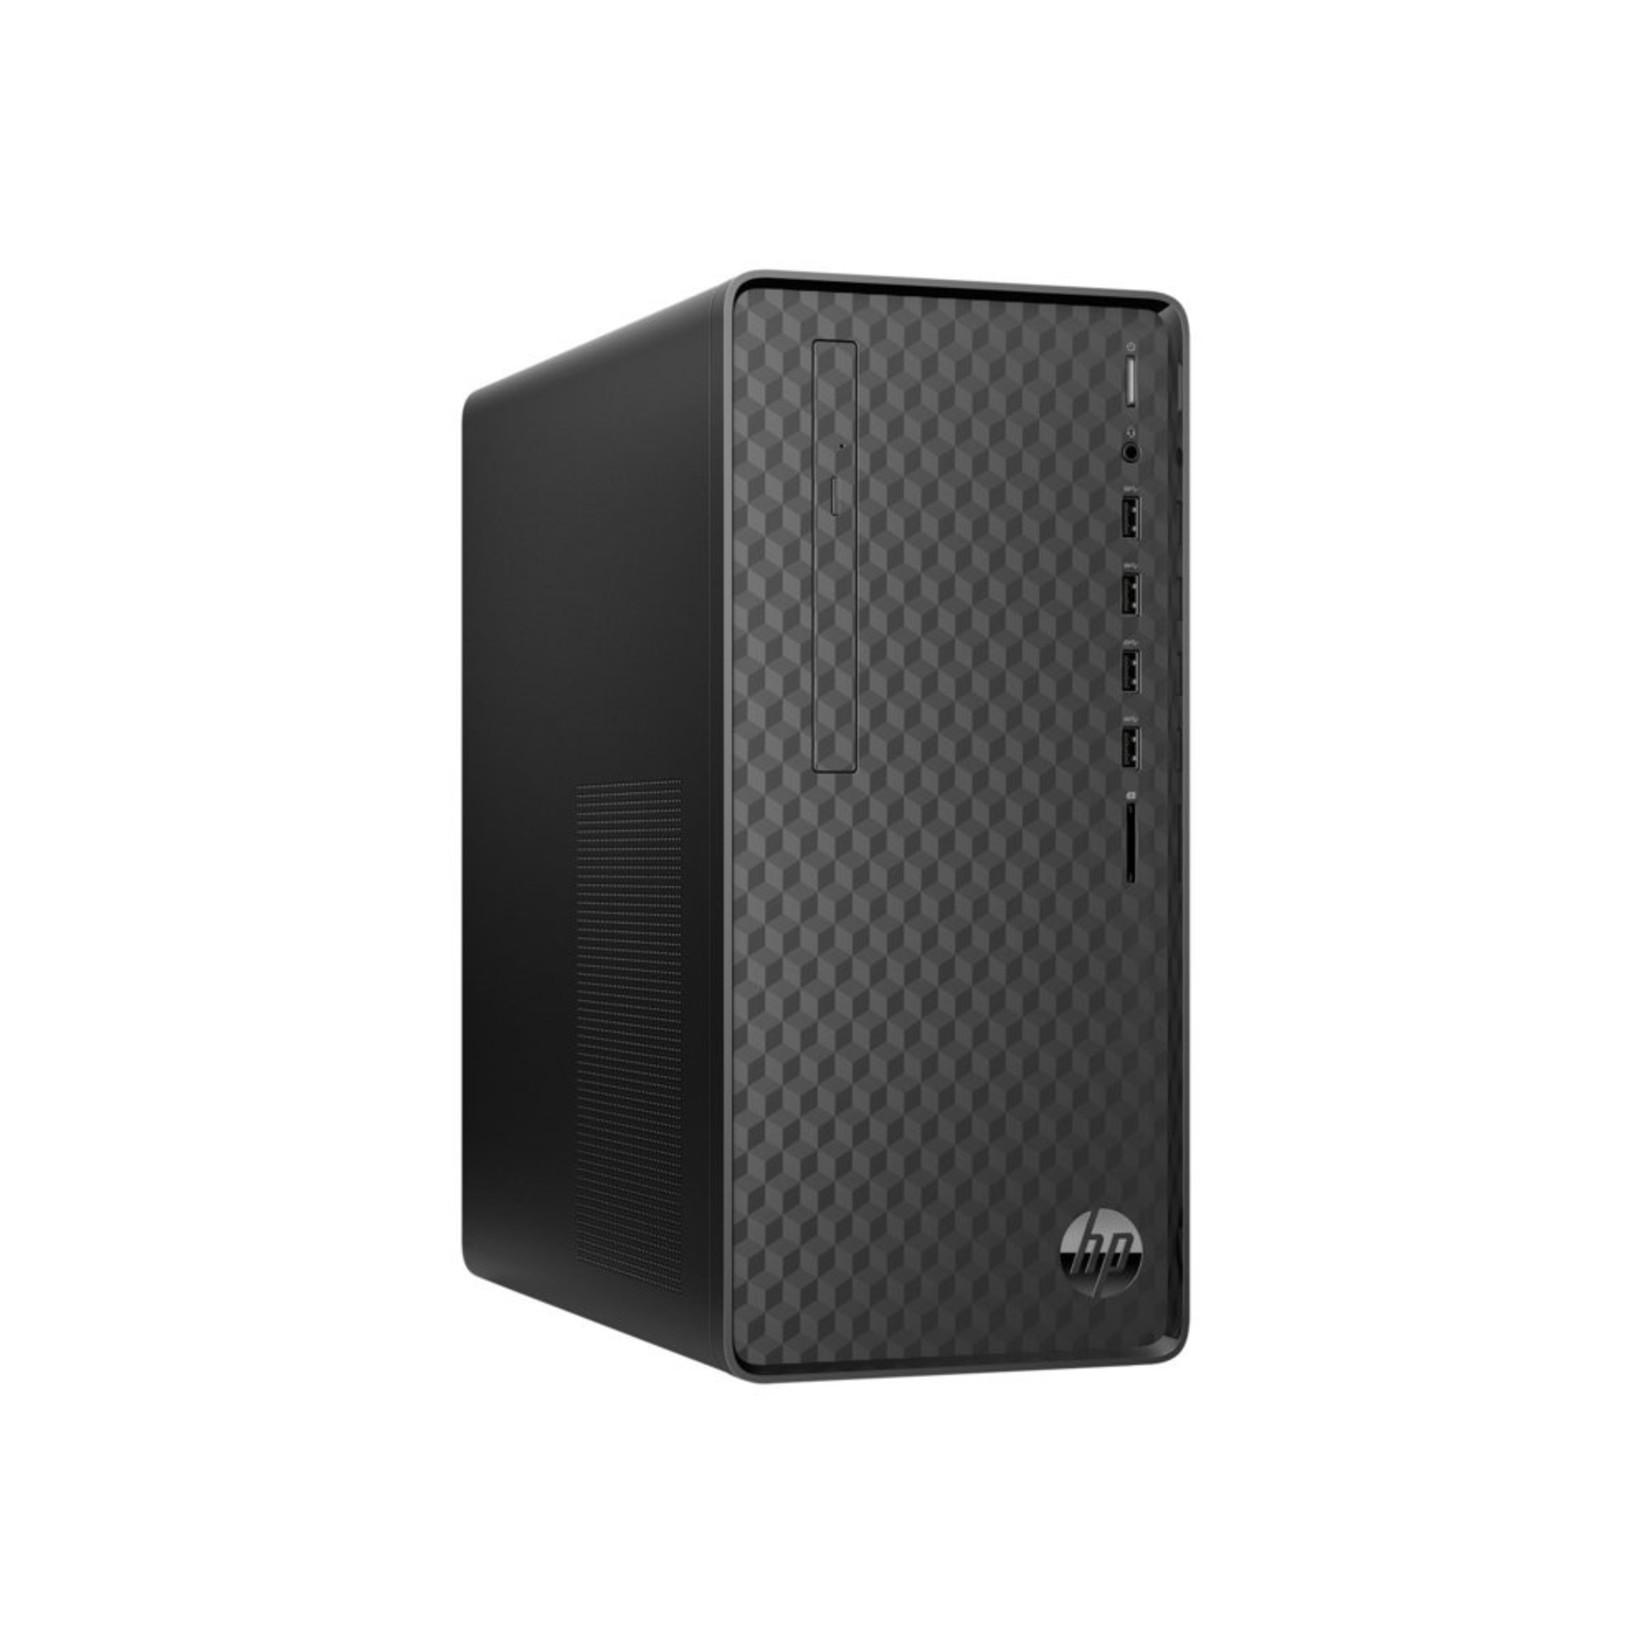 Hewlett Packard HP Pav. Desk. i3-10100 / 8GB / 256GB / W10PRO